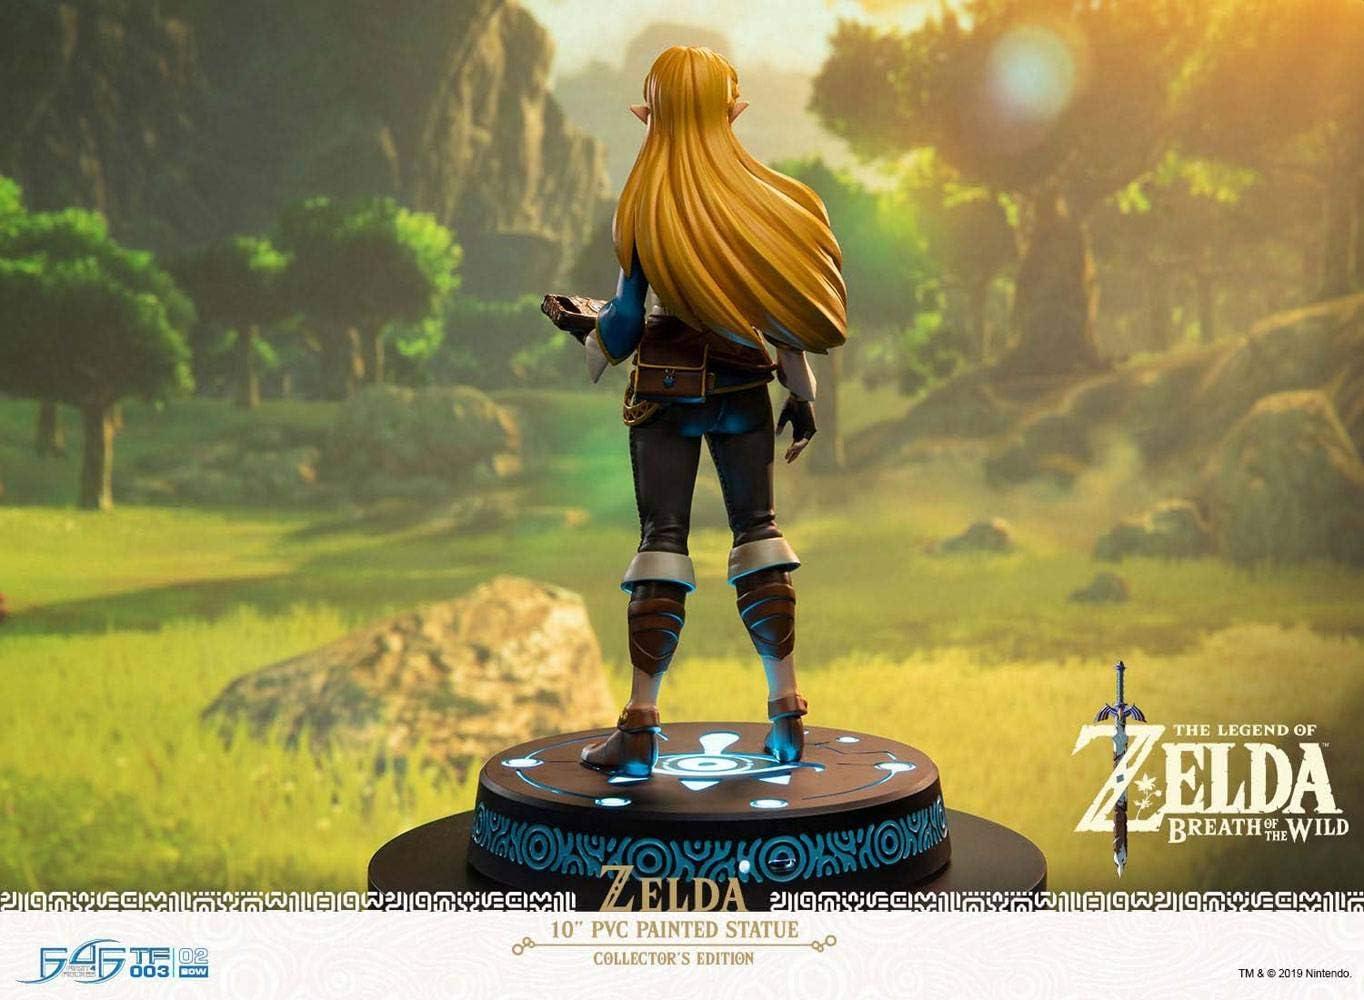 La leggenda di Zelda respiro del Selvaggio Statua PVC Zelda 25 cm